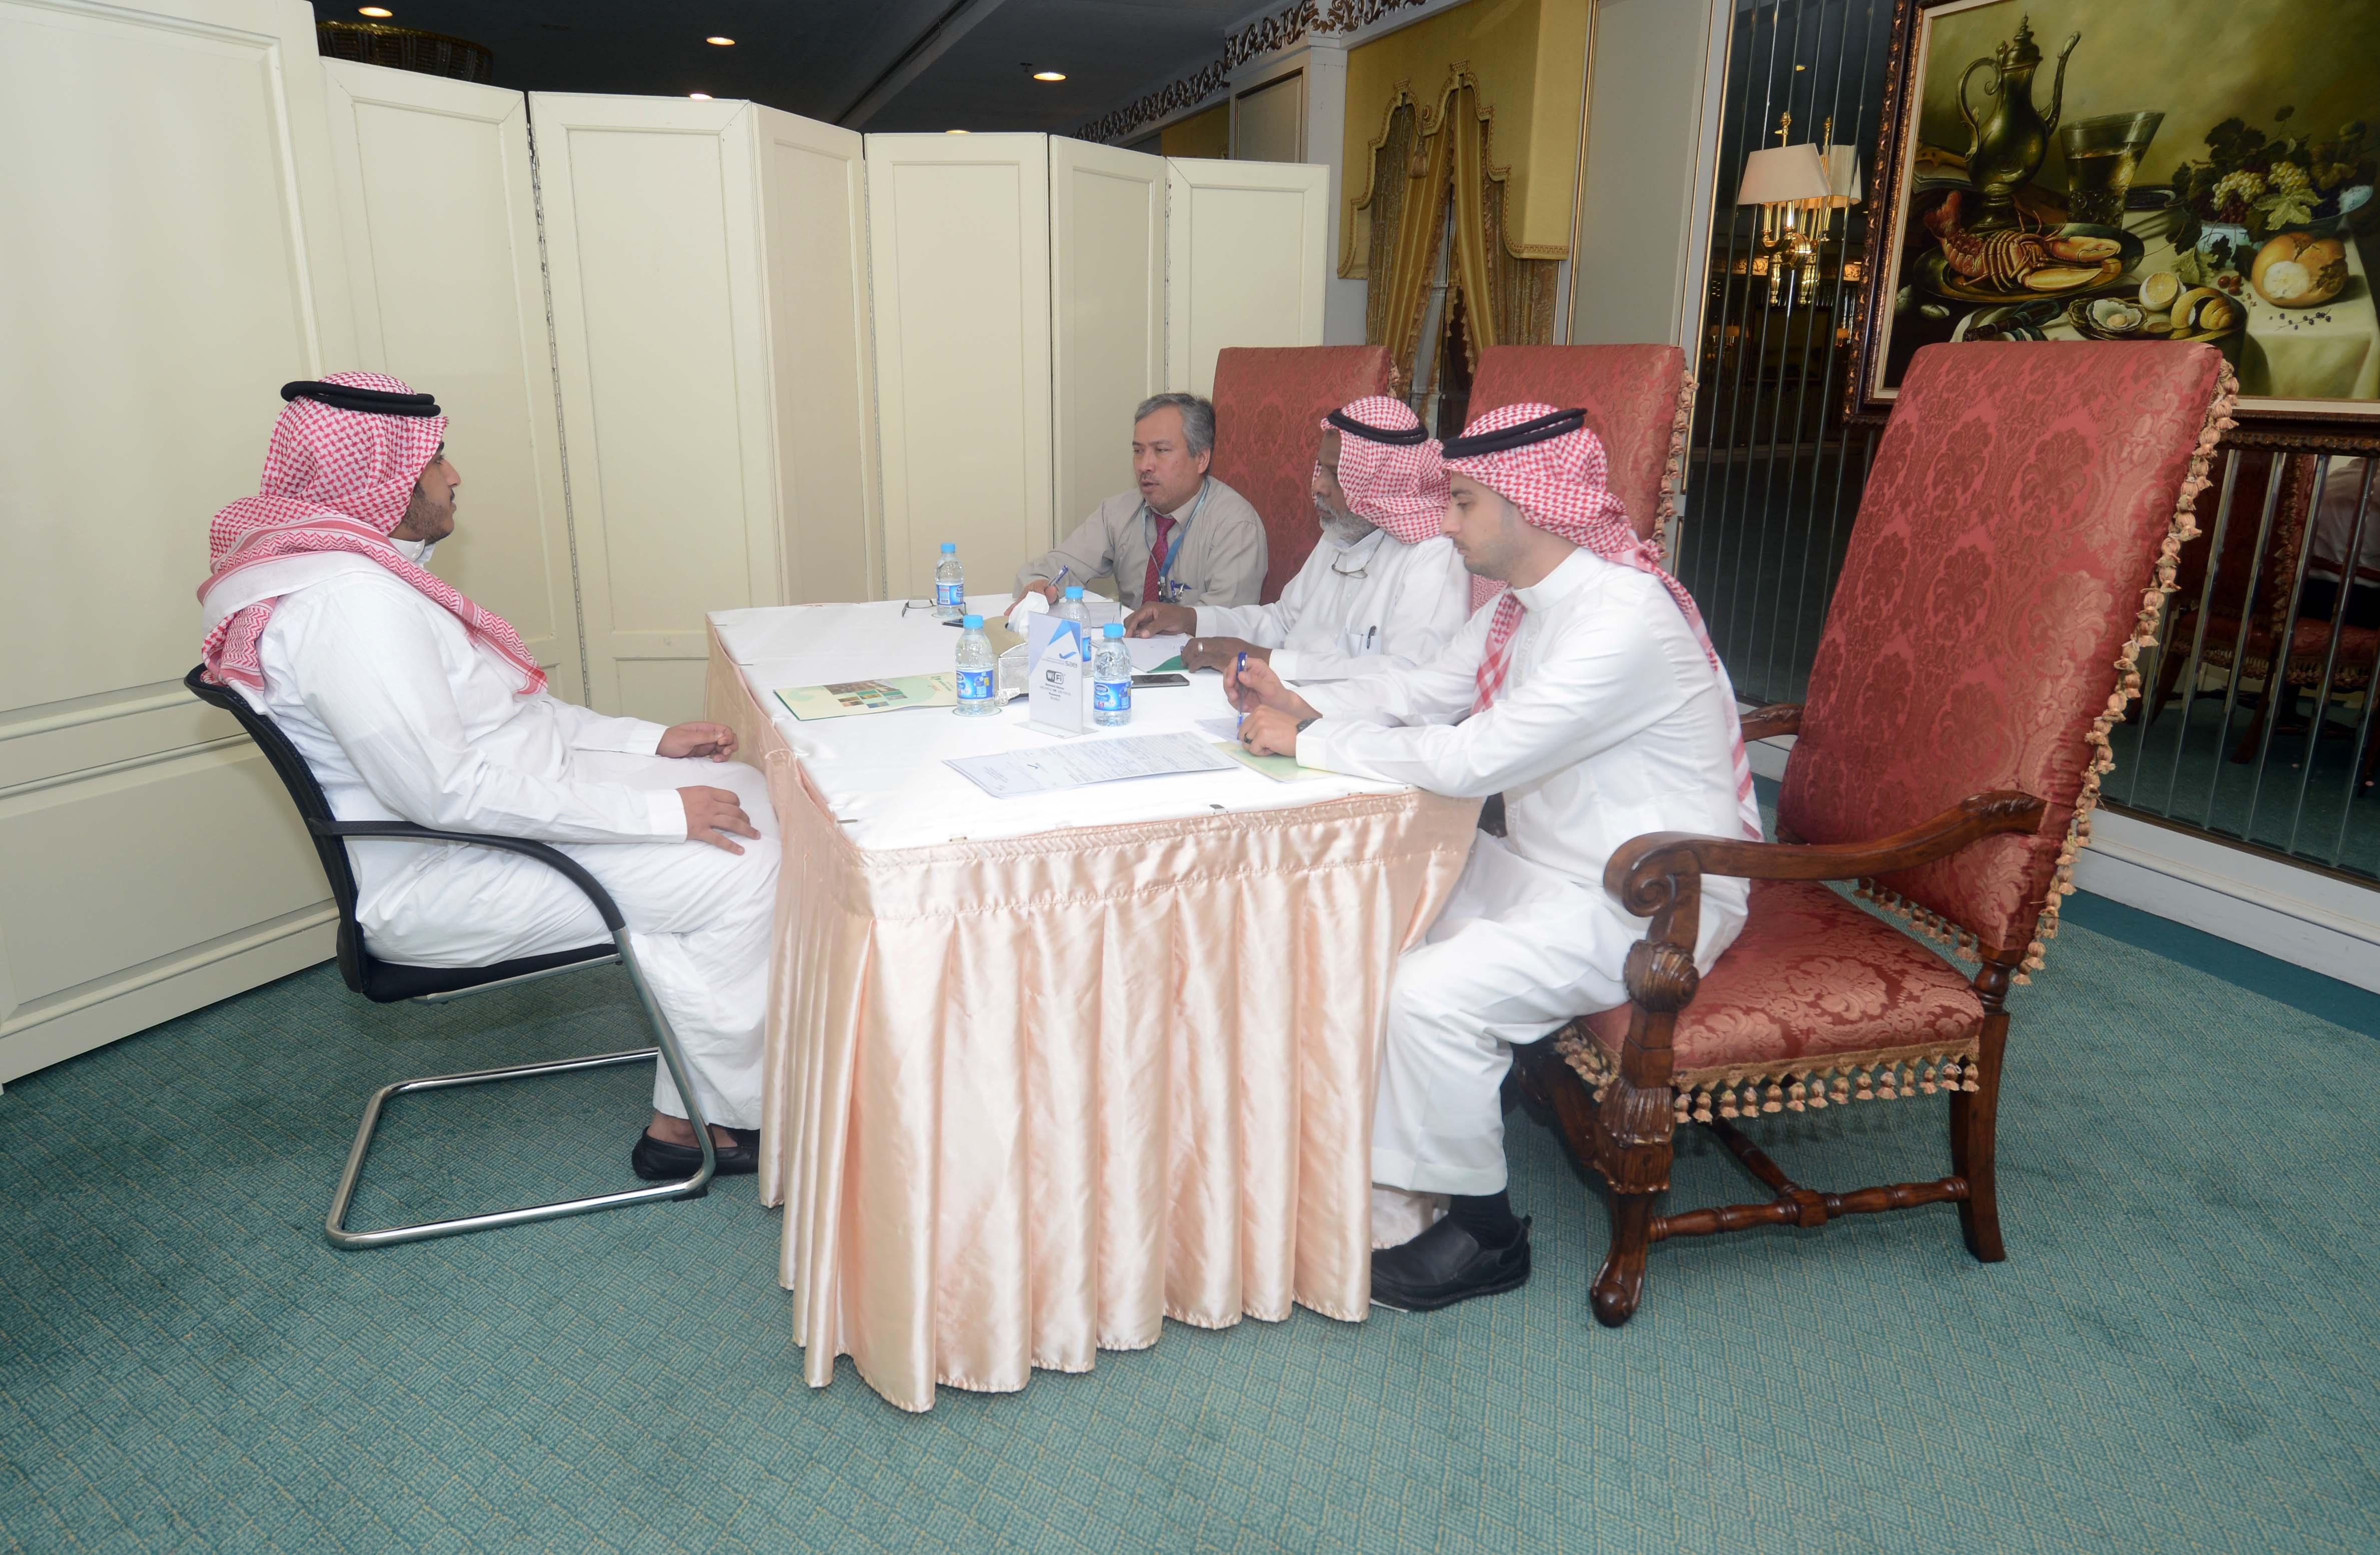 الخطوط الجوية السعودية تبدأ مقابلات التوظيف في جدة (5)